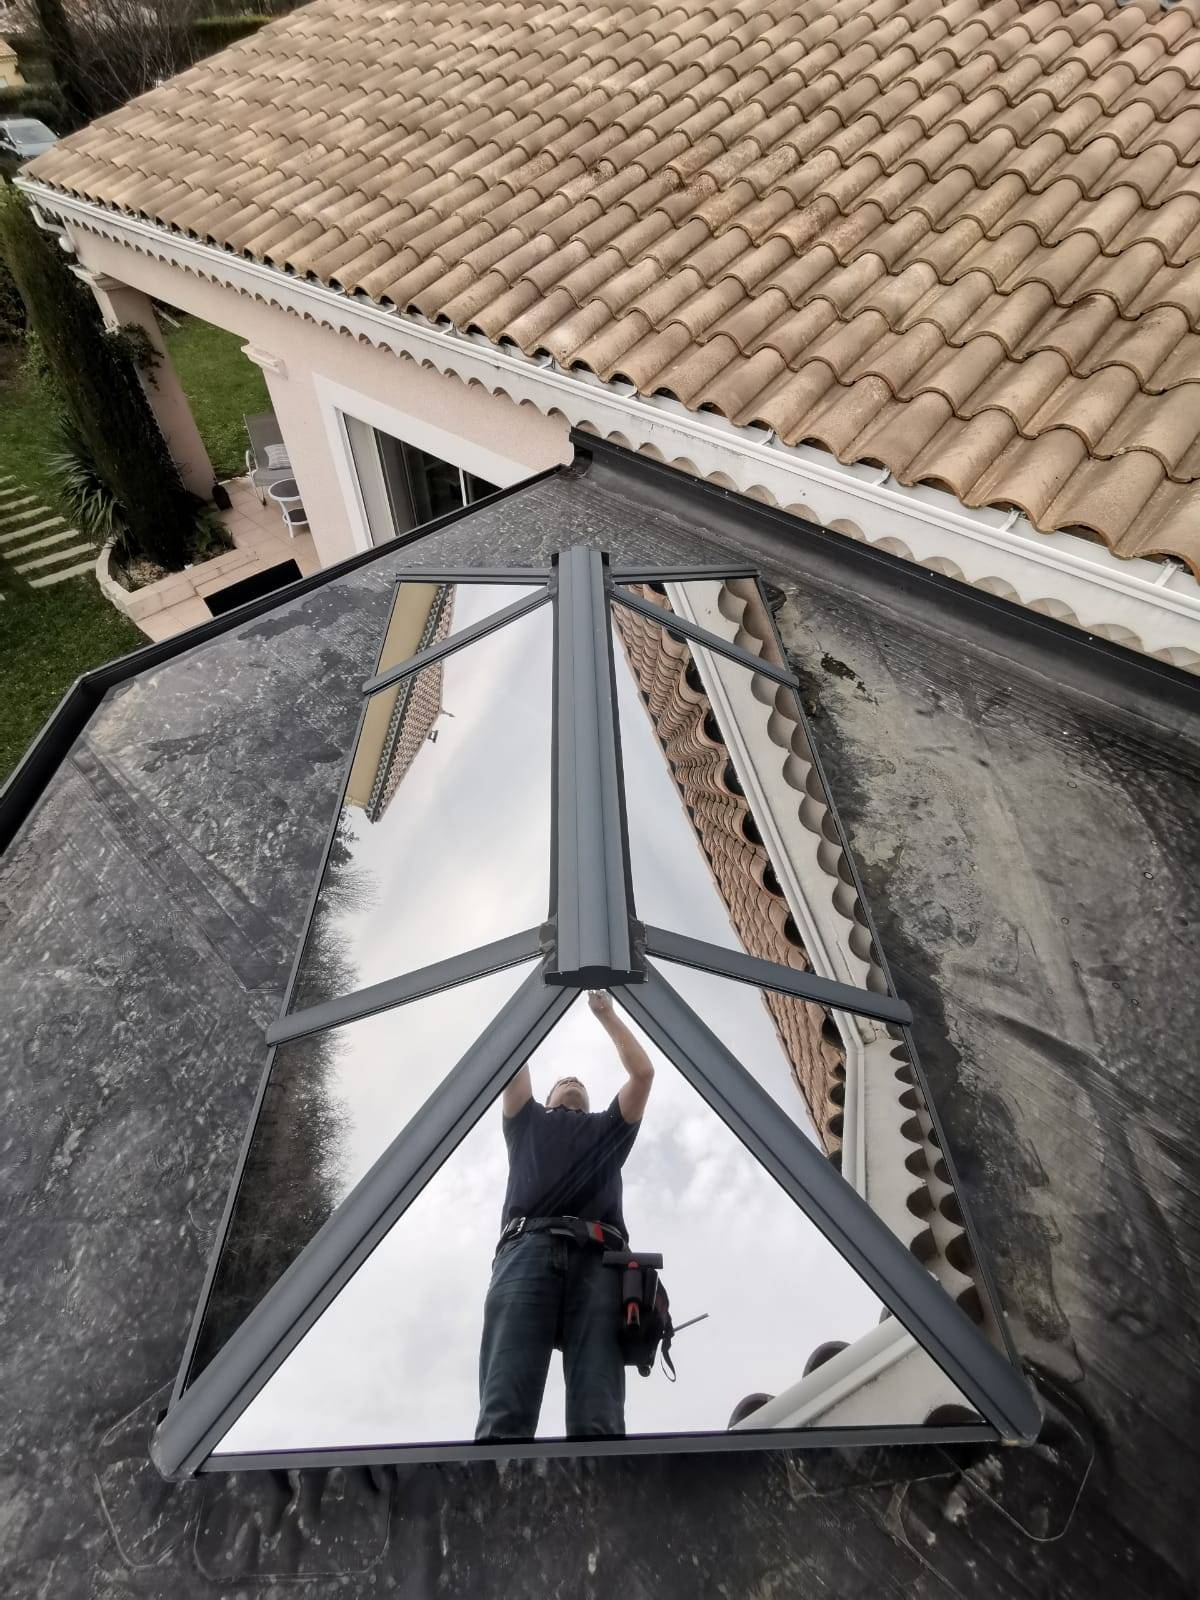 Isolation solaire des toitures de véranda : pose de films anti-chaleur Solar Screen sur un toit ...